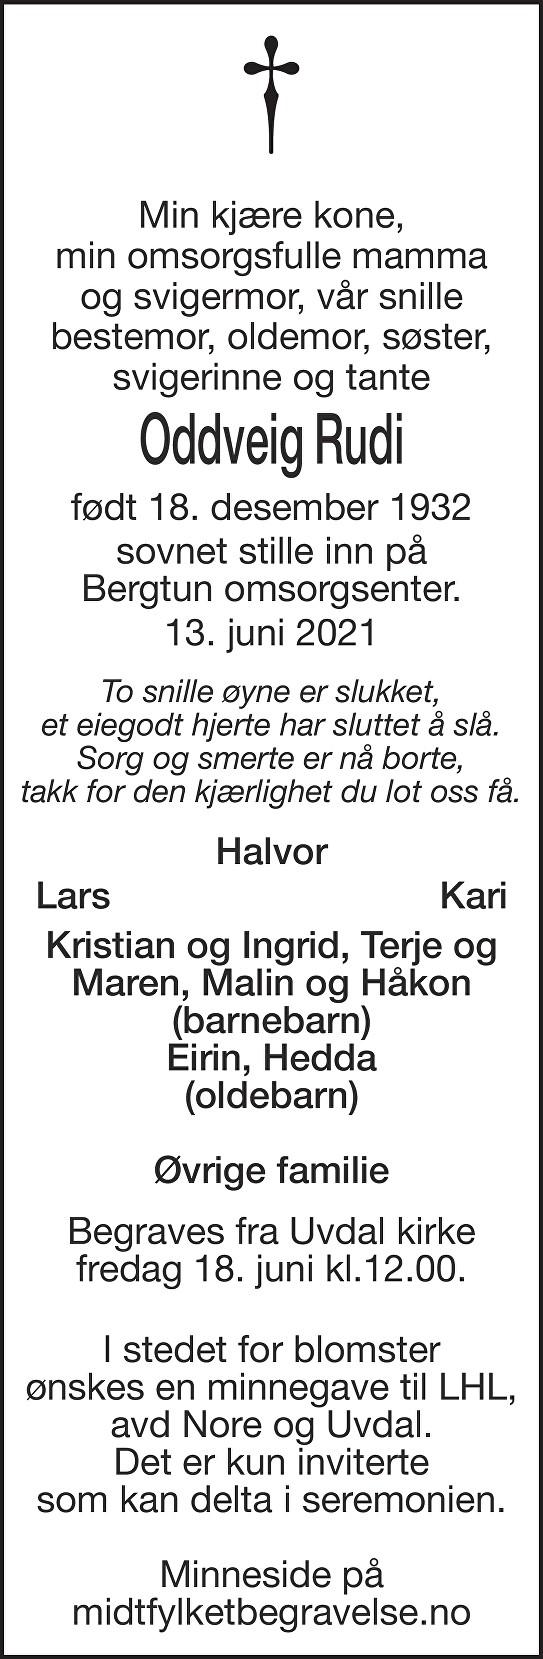 Oddveig Rudi Dødsannonse